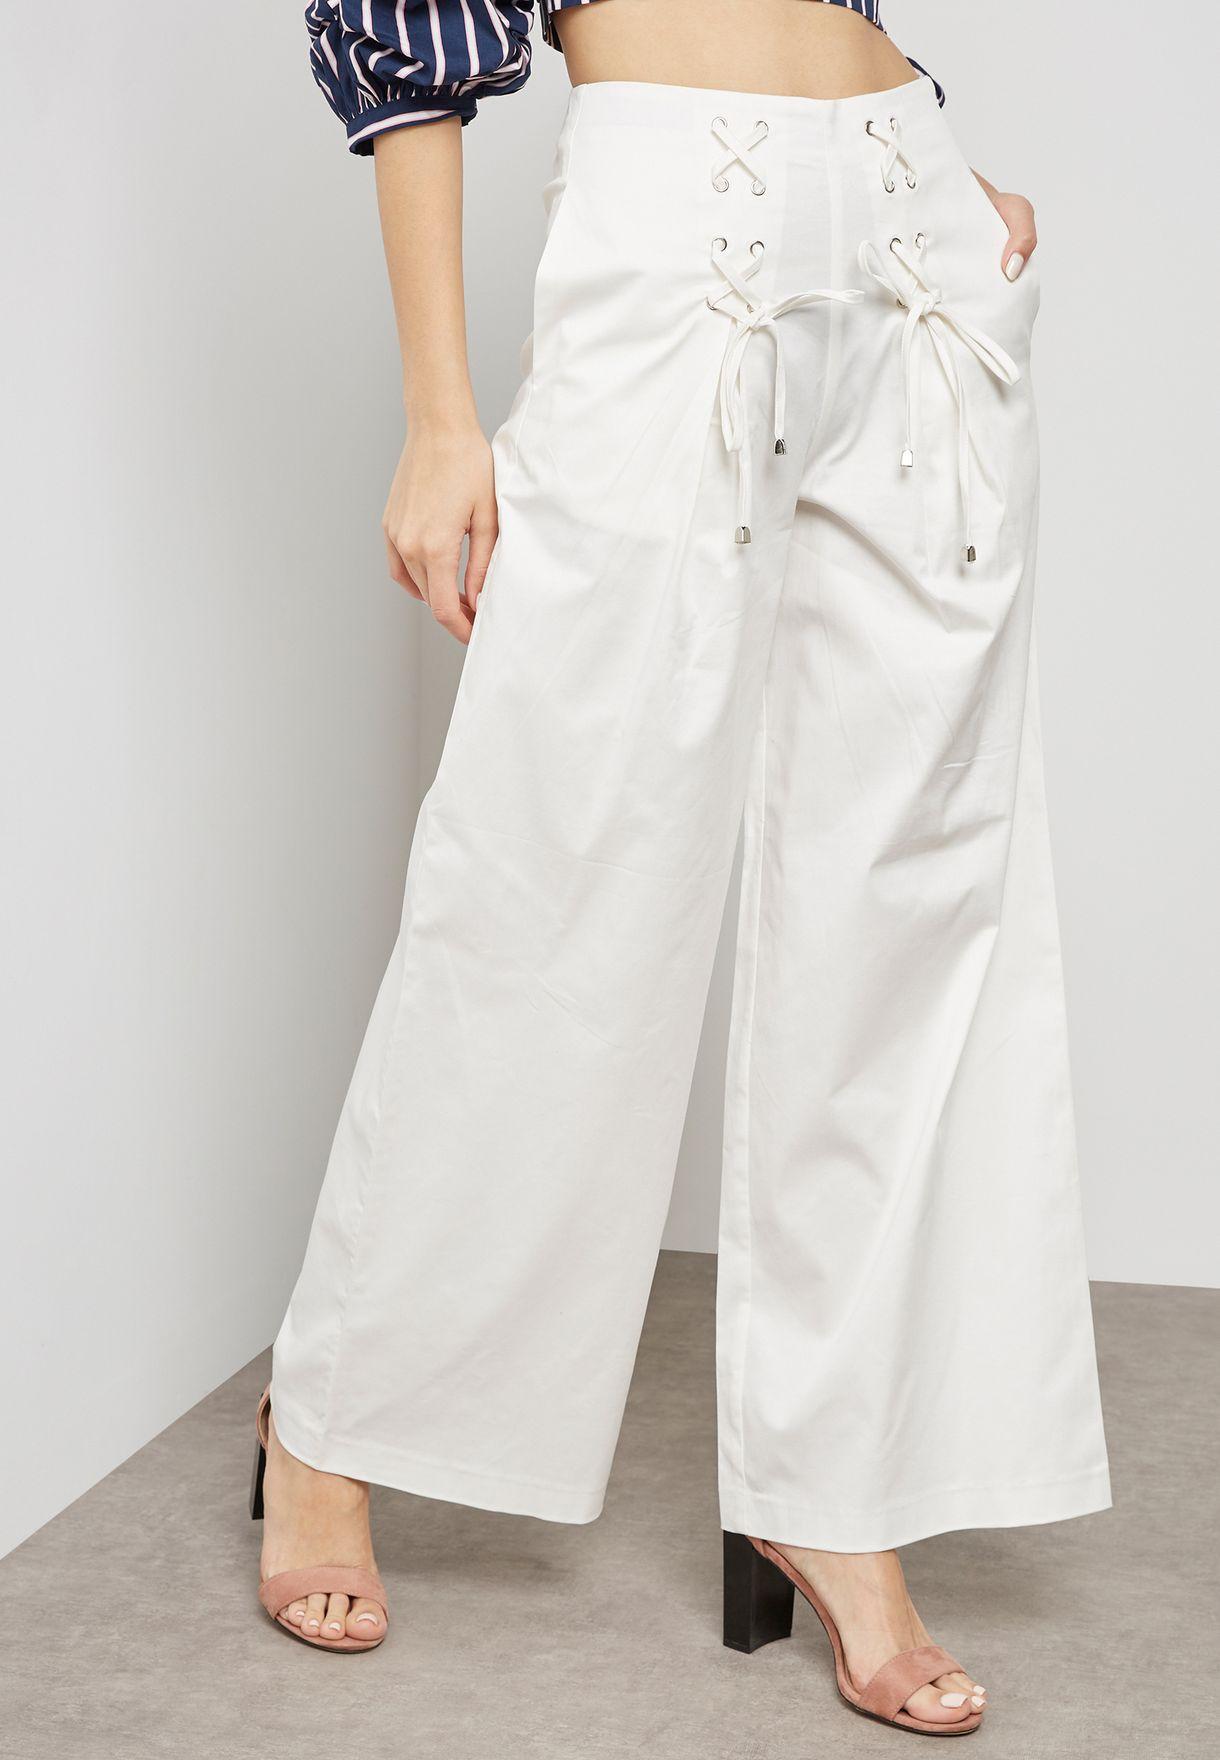 Lace Up Detail Wide Pants